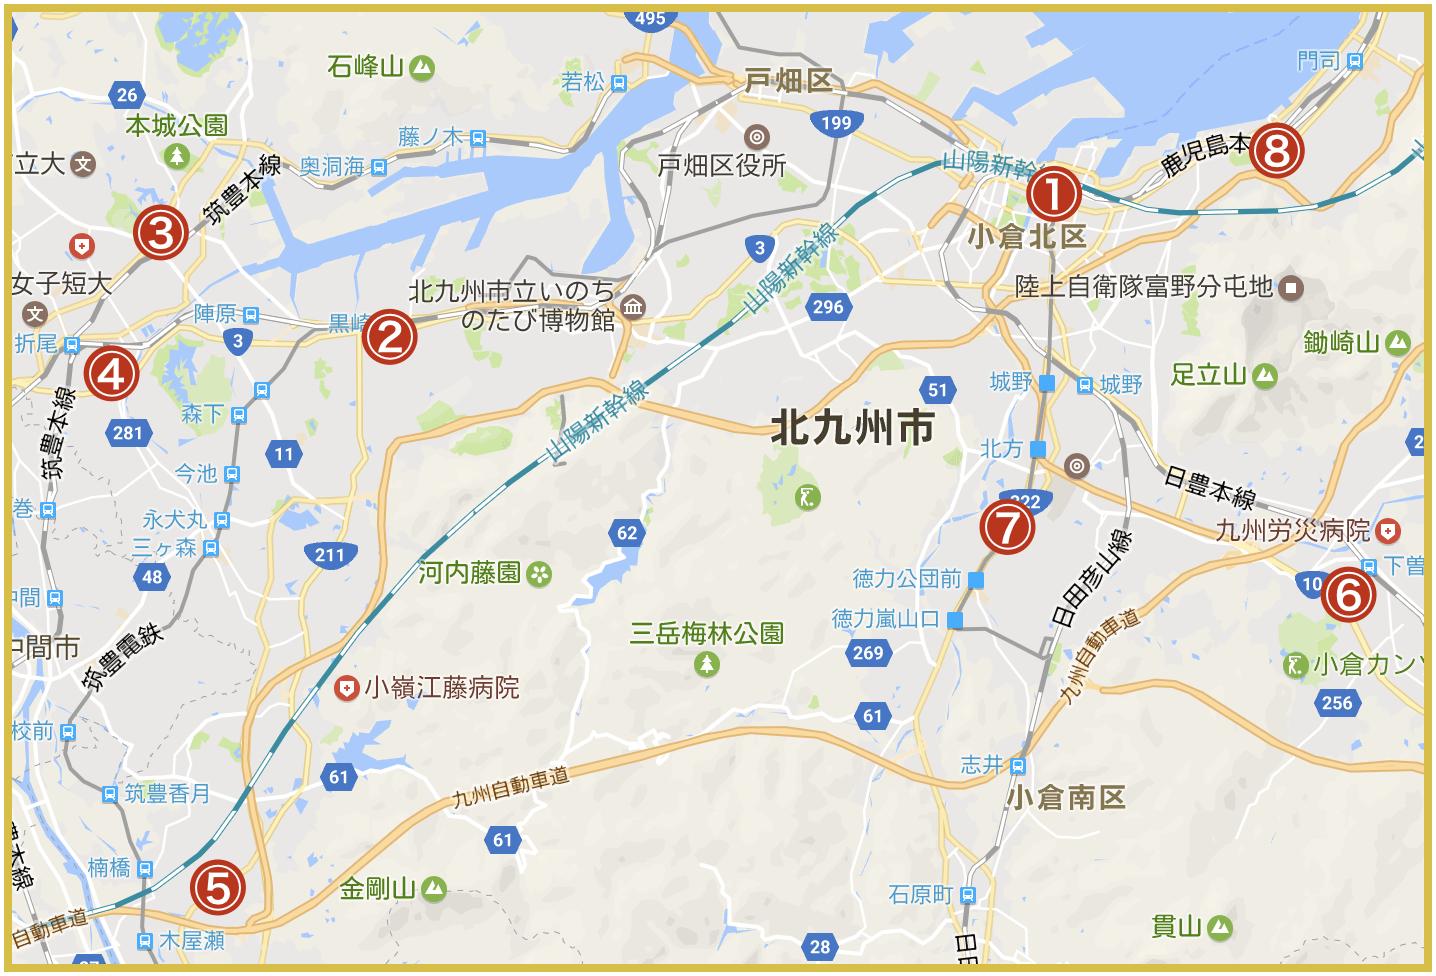 北九州市にあるアイフル店舗・ATMの位置